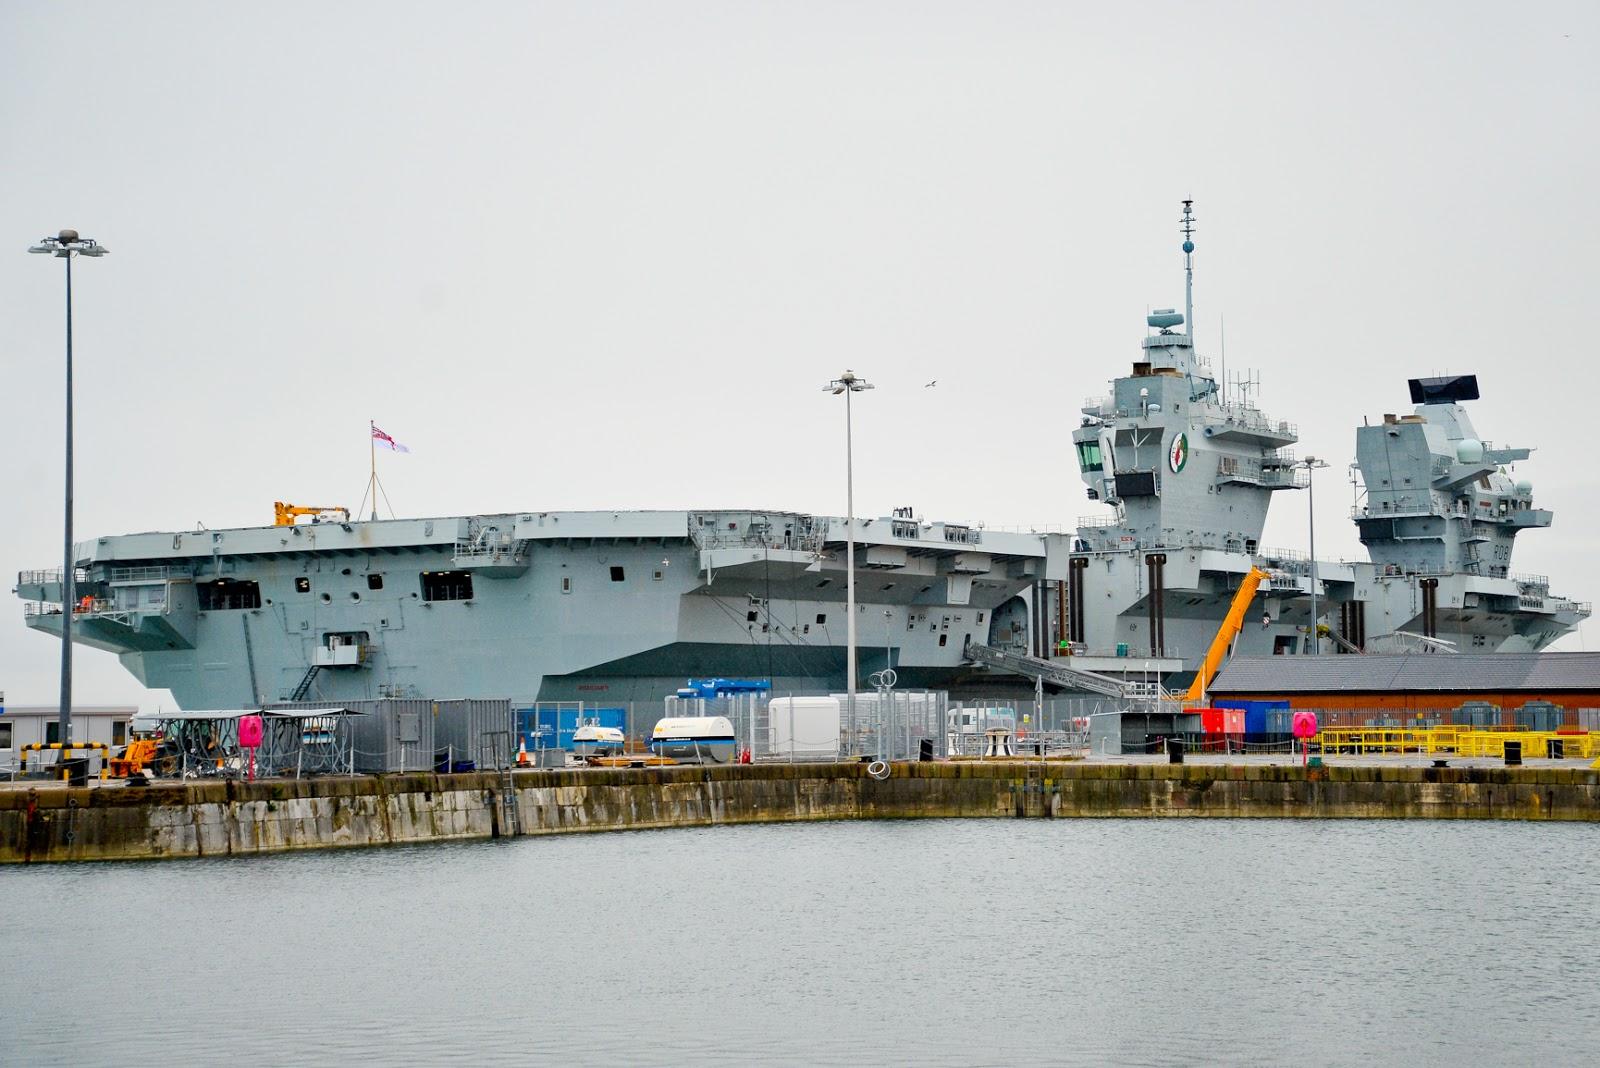 hms queen elizabeth, warship 2018